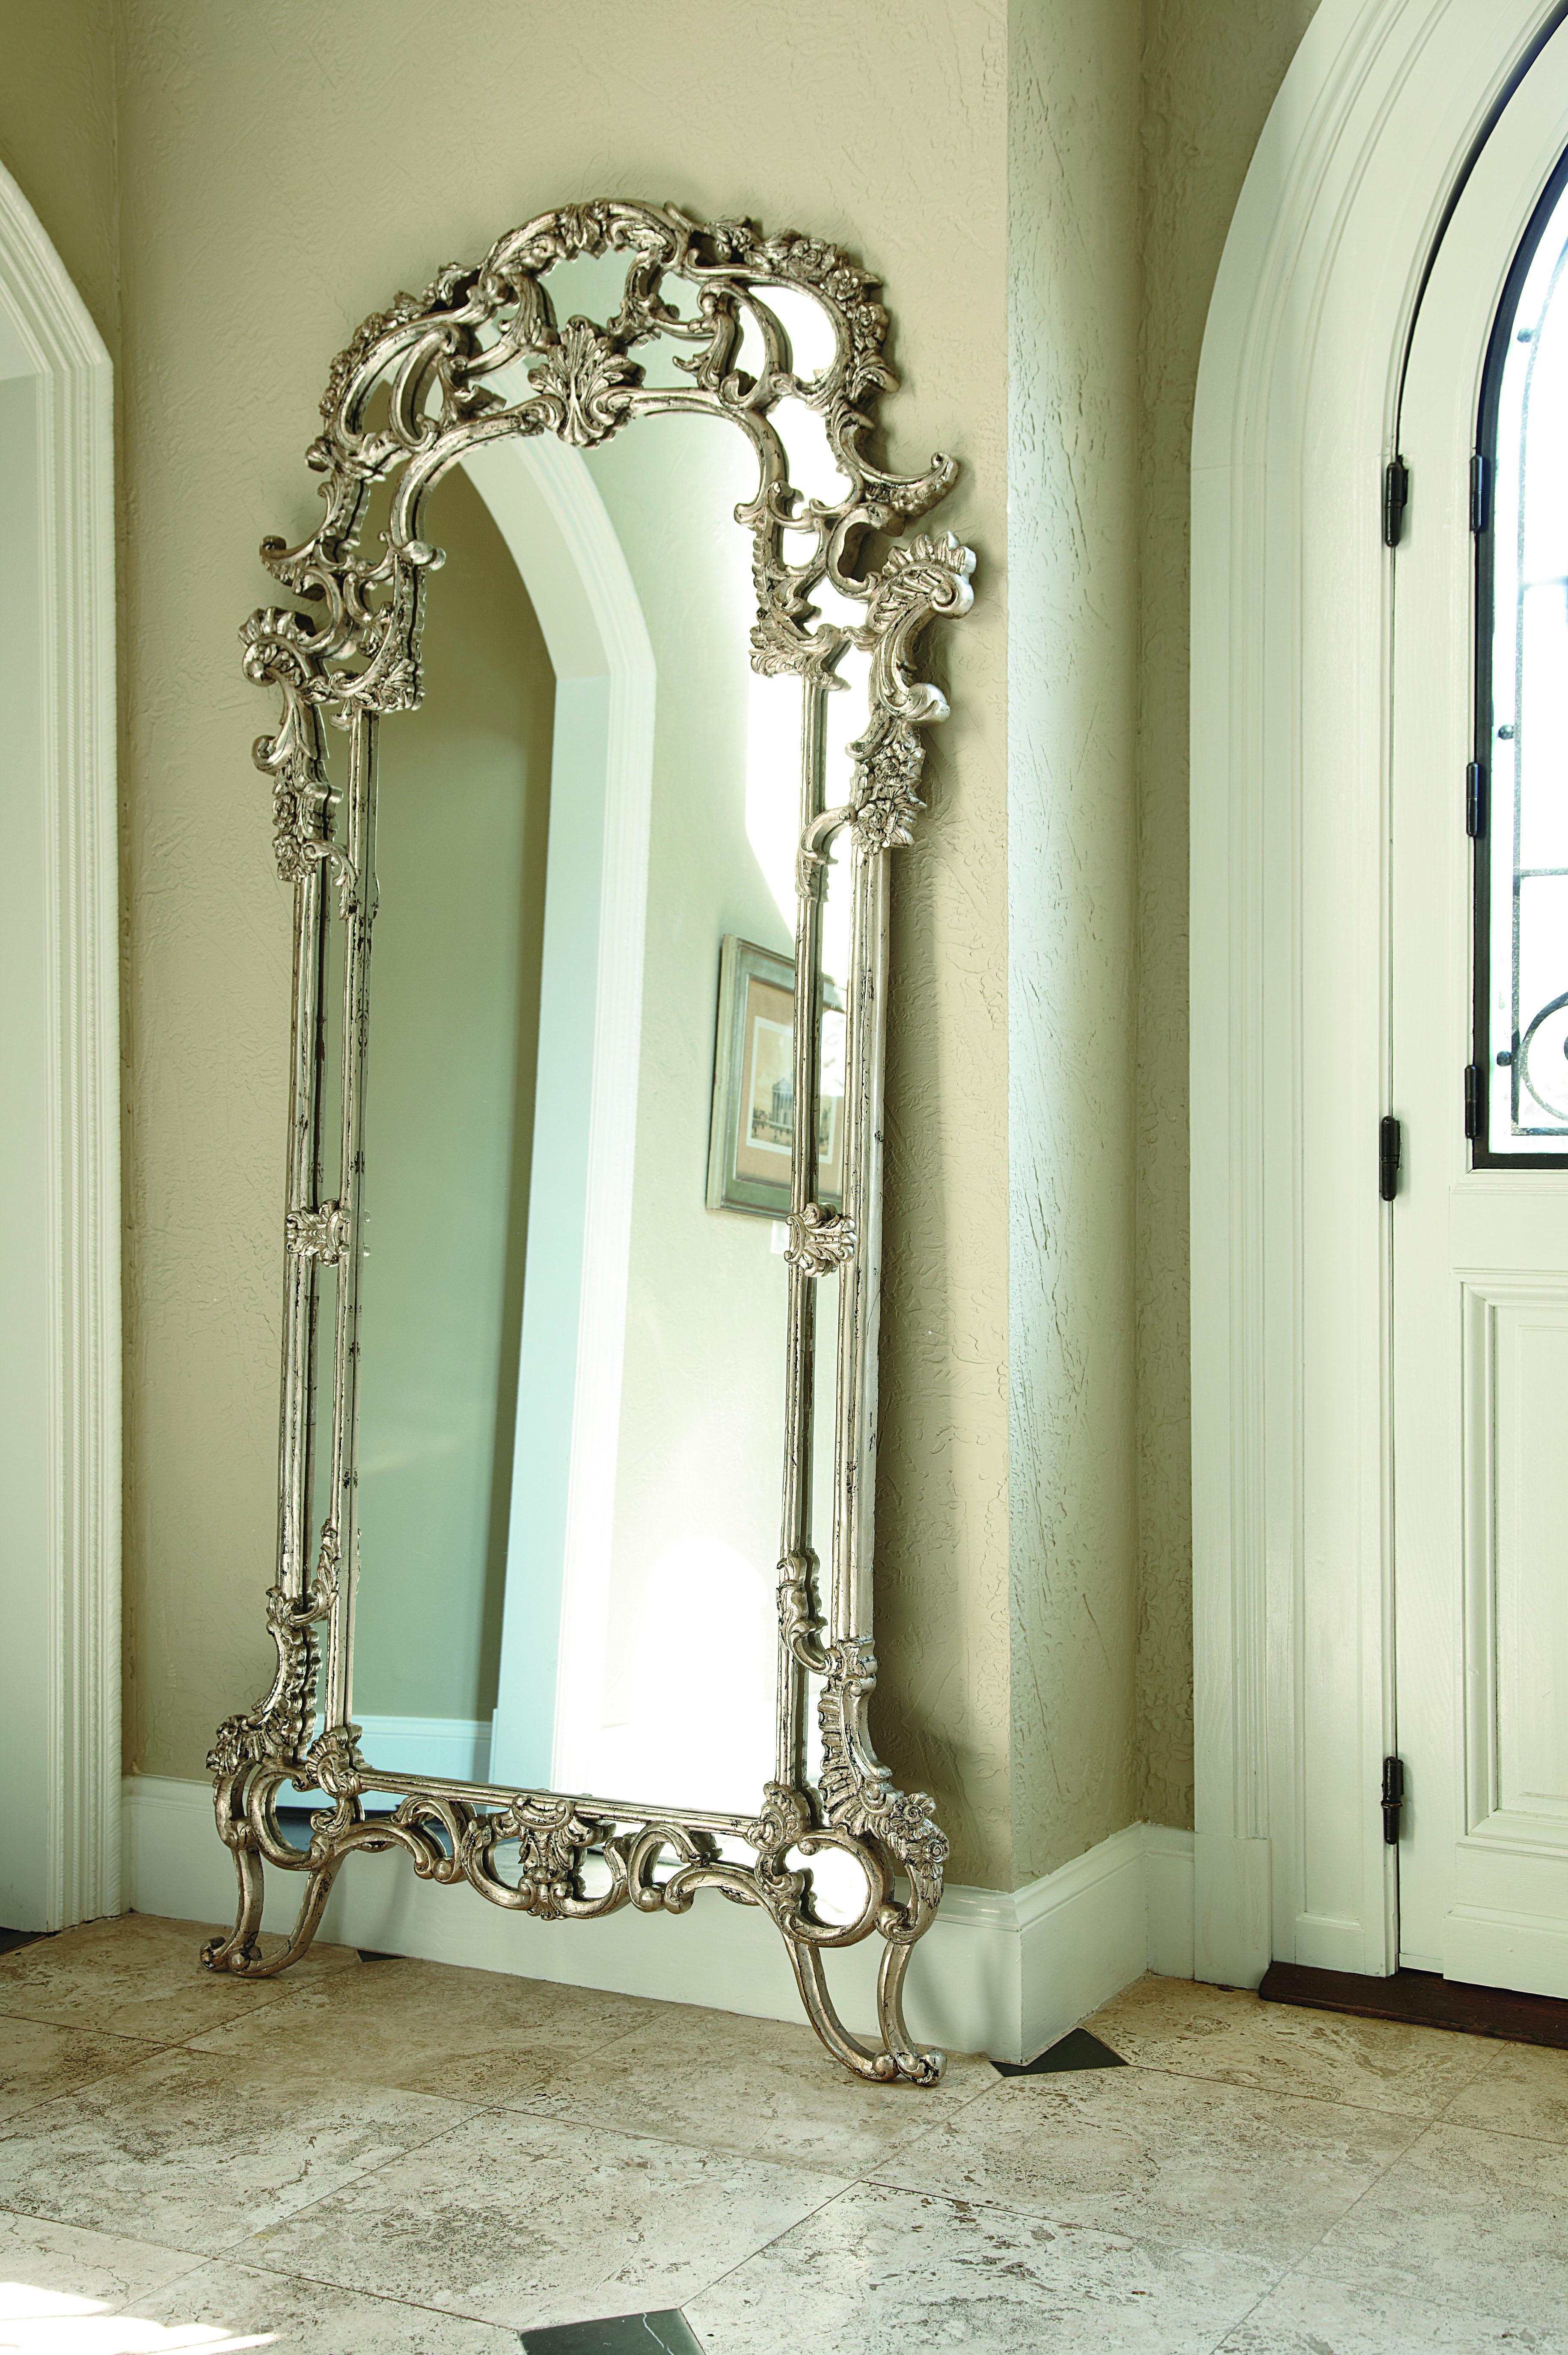 Beautiful Floor Mirror By American Drew 거울 거울 아름다운